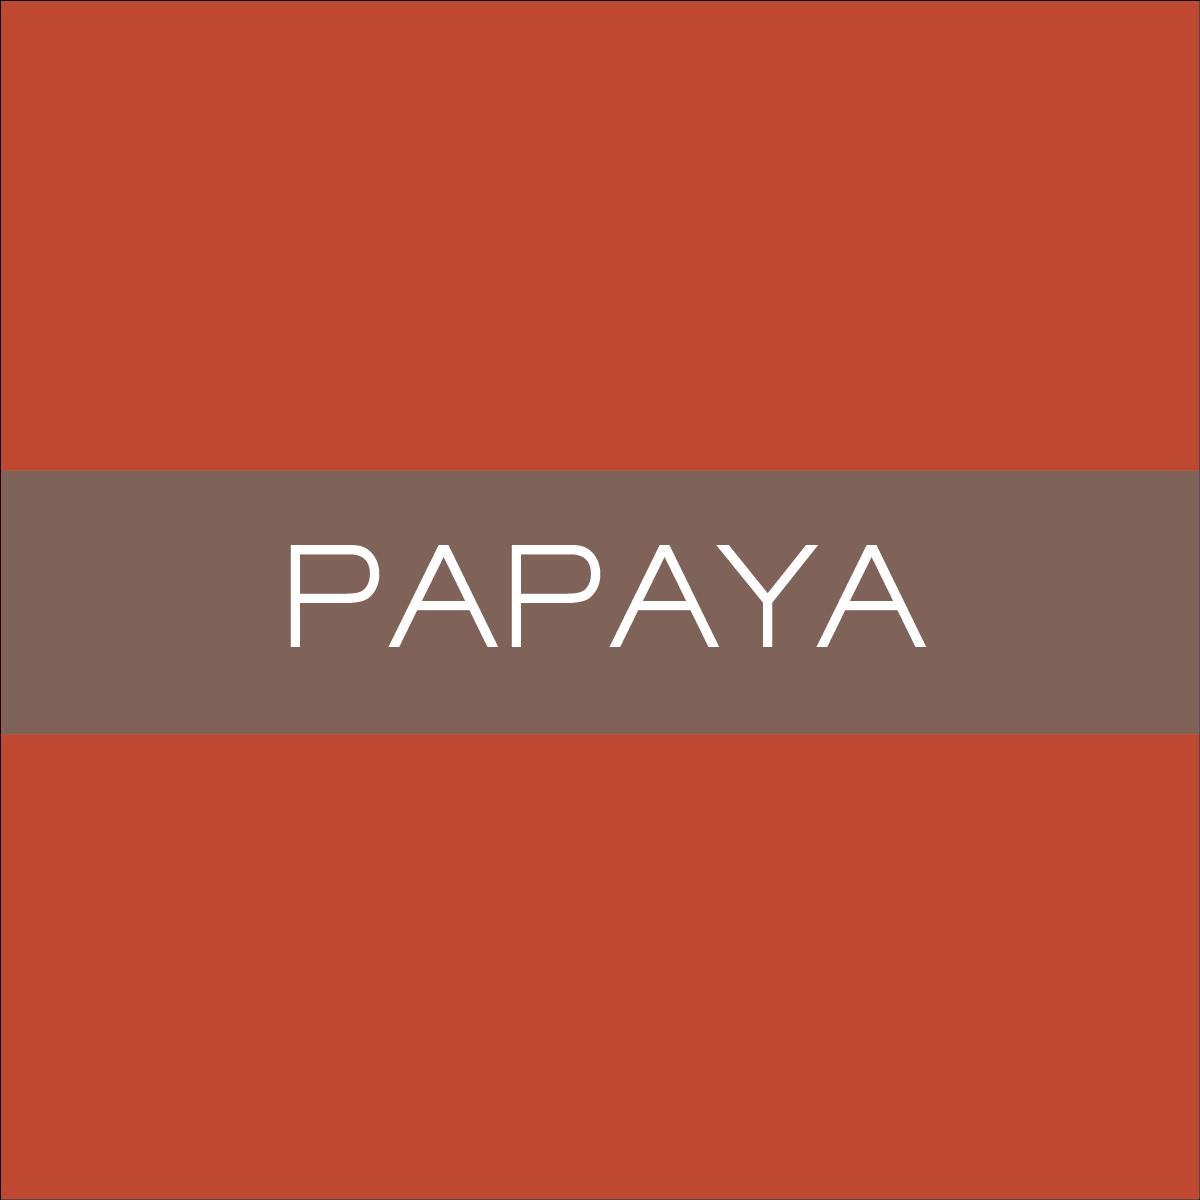 INK_Papaya.jpg